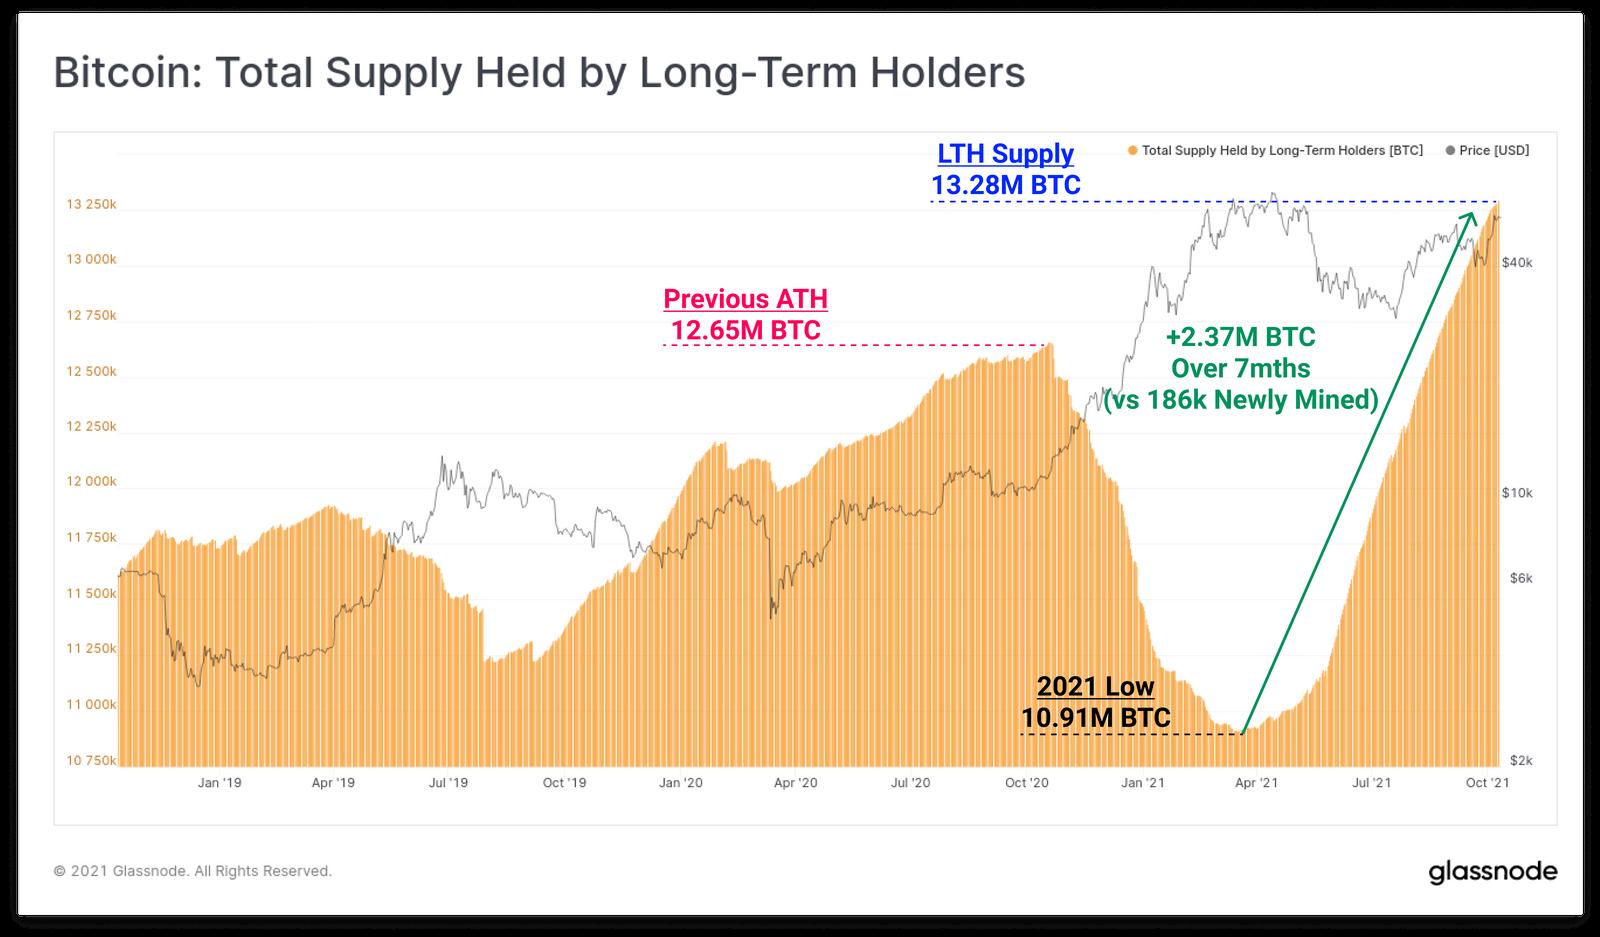 HODL-erzy bitcoina z rekordowym udziałem w rynku. Zgromadzili 70% całej podaży BTC